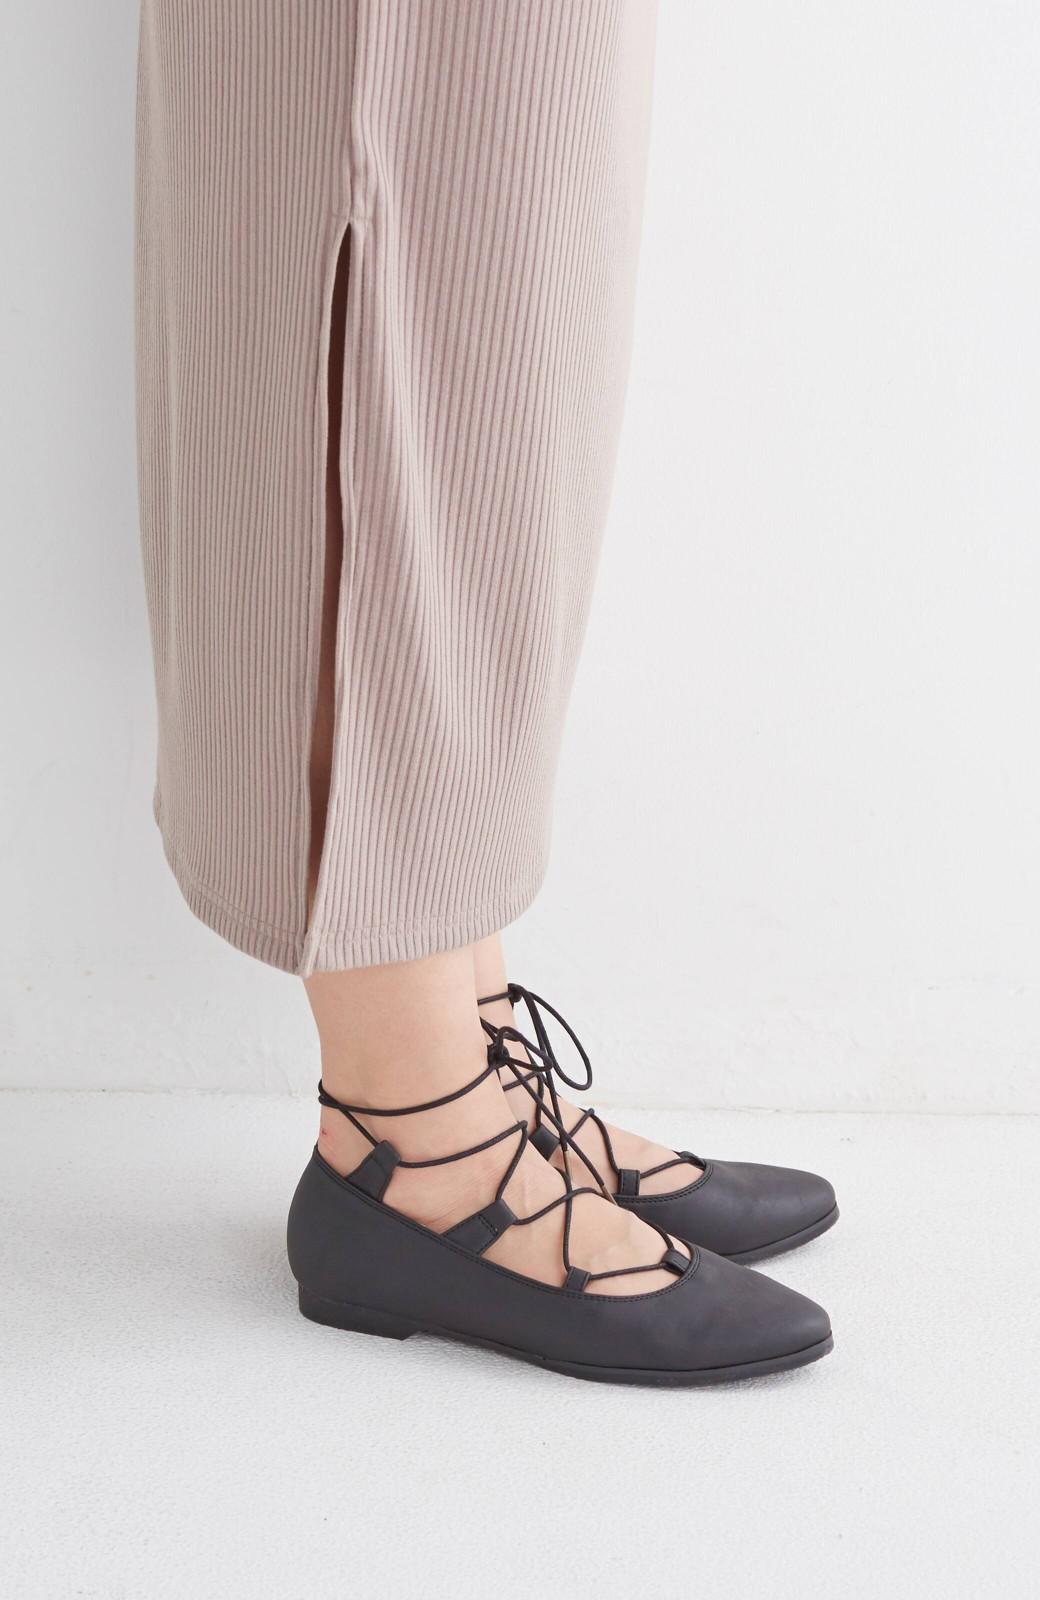 nusy 足もとポイントの編み上げパンプス <ブラック>の商品写真4